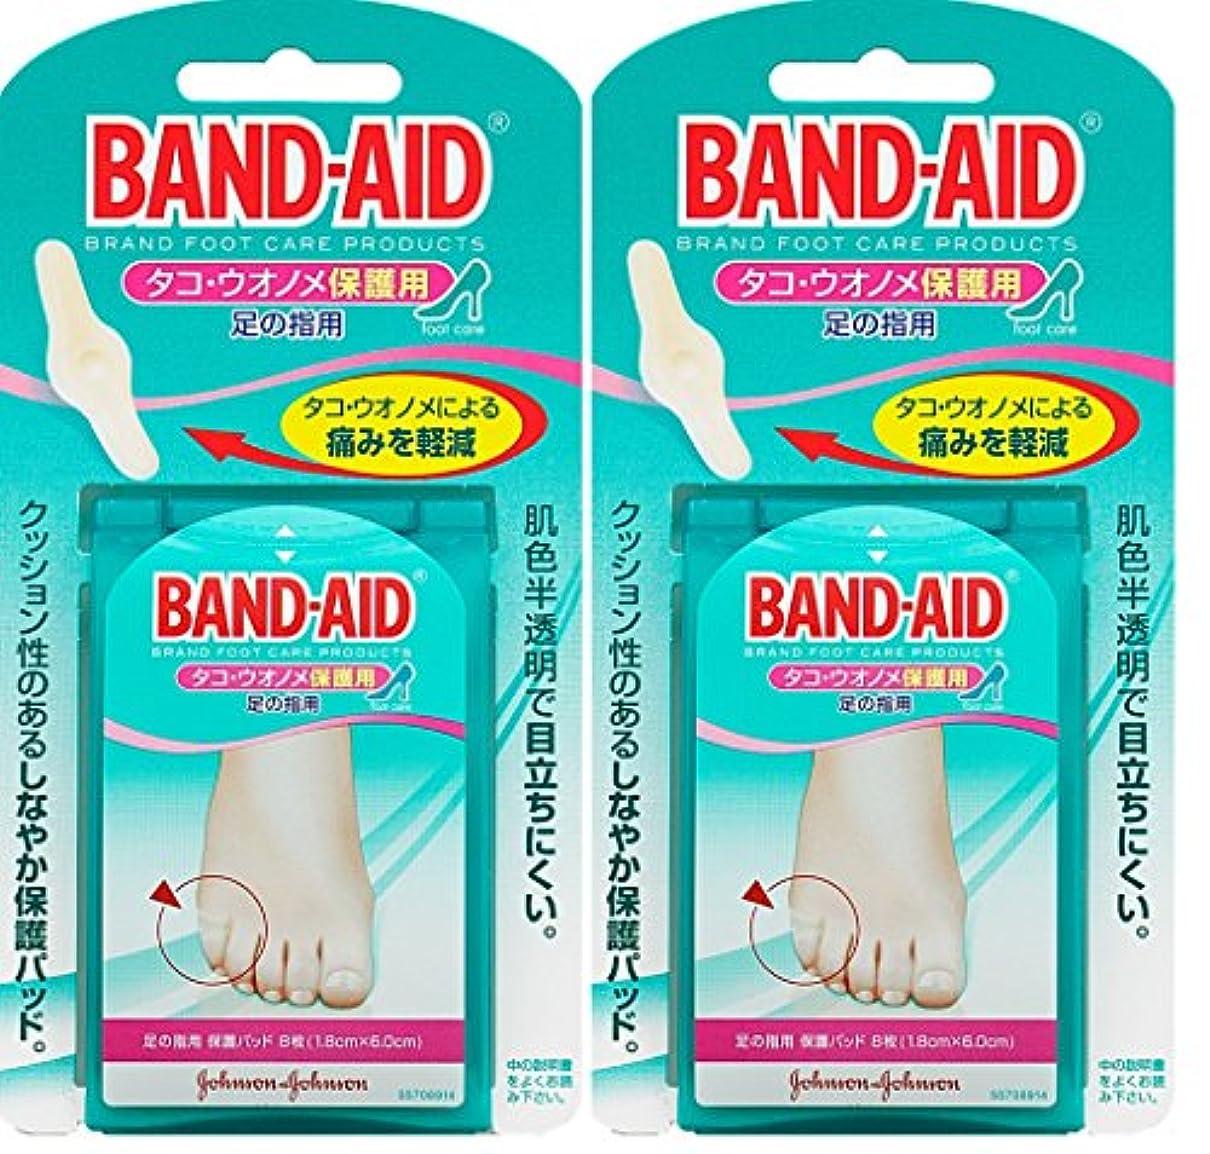 あいまいな寄託慣習【まとめ買い】BAND-AID(バンドエイド) タコ?ウオノメ保護用 足の指用 8枚×2個